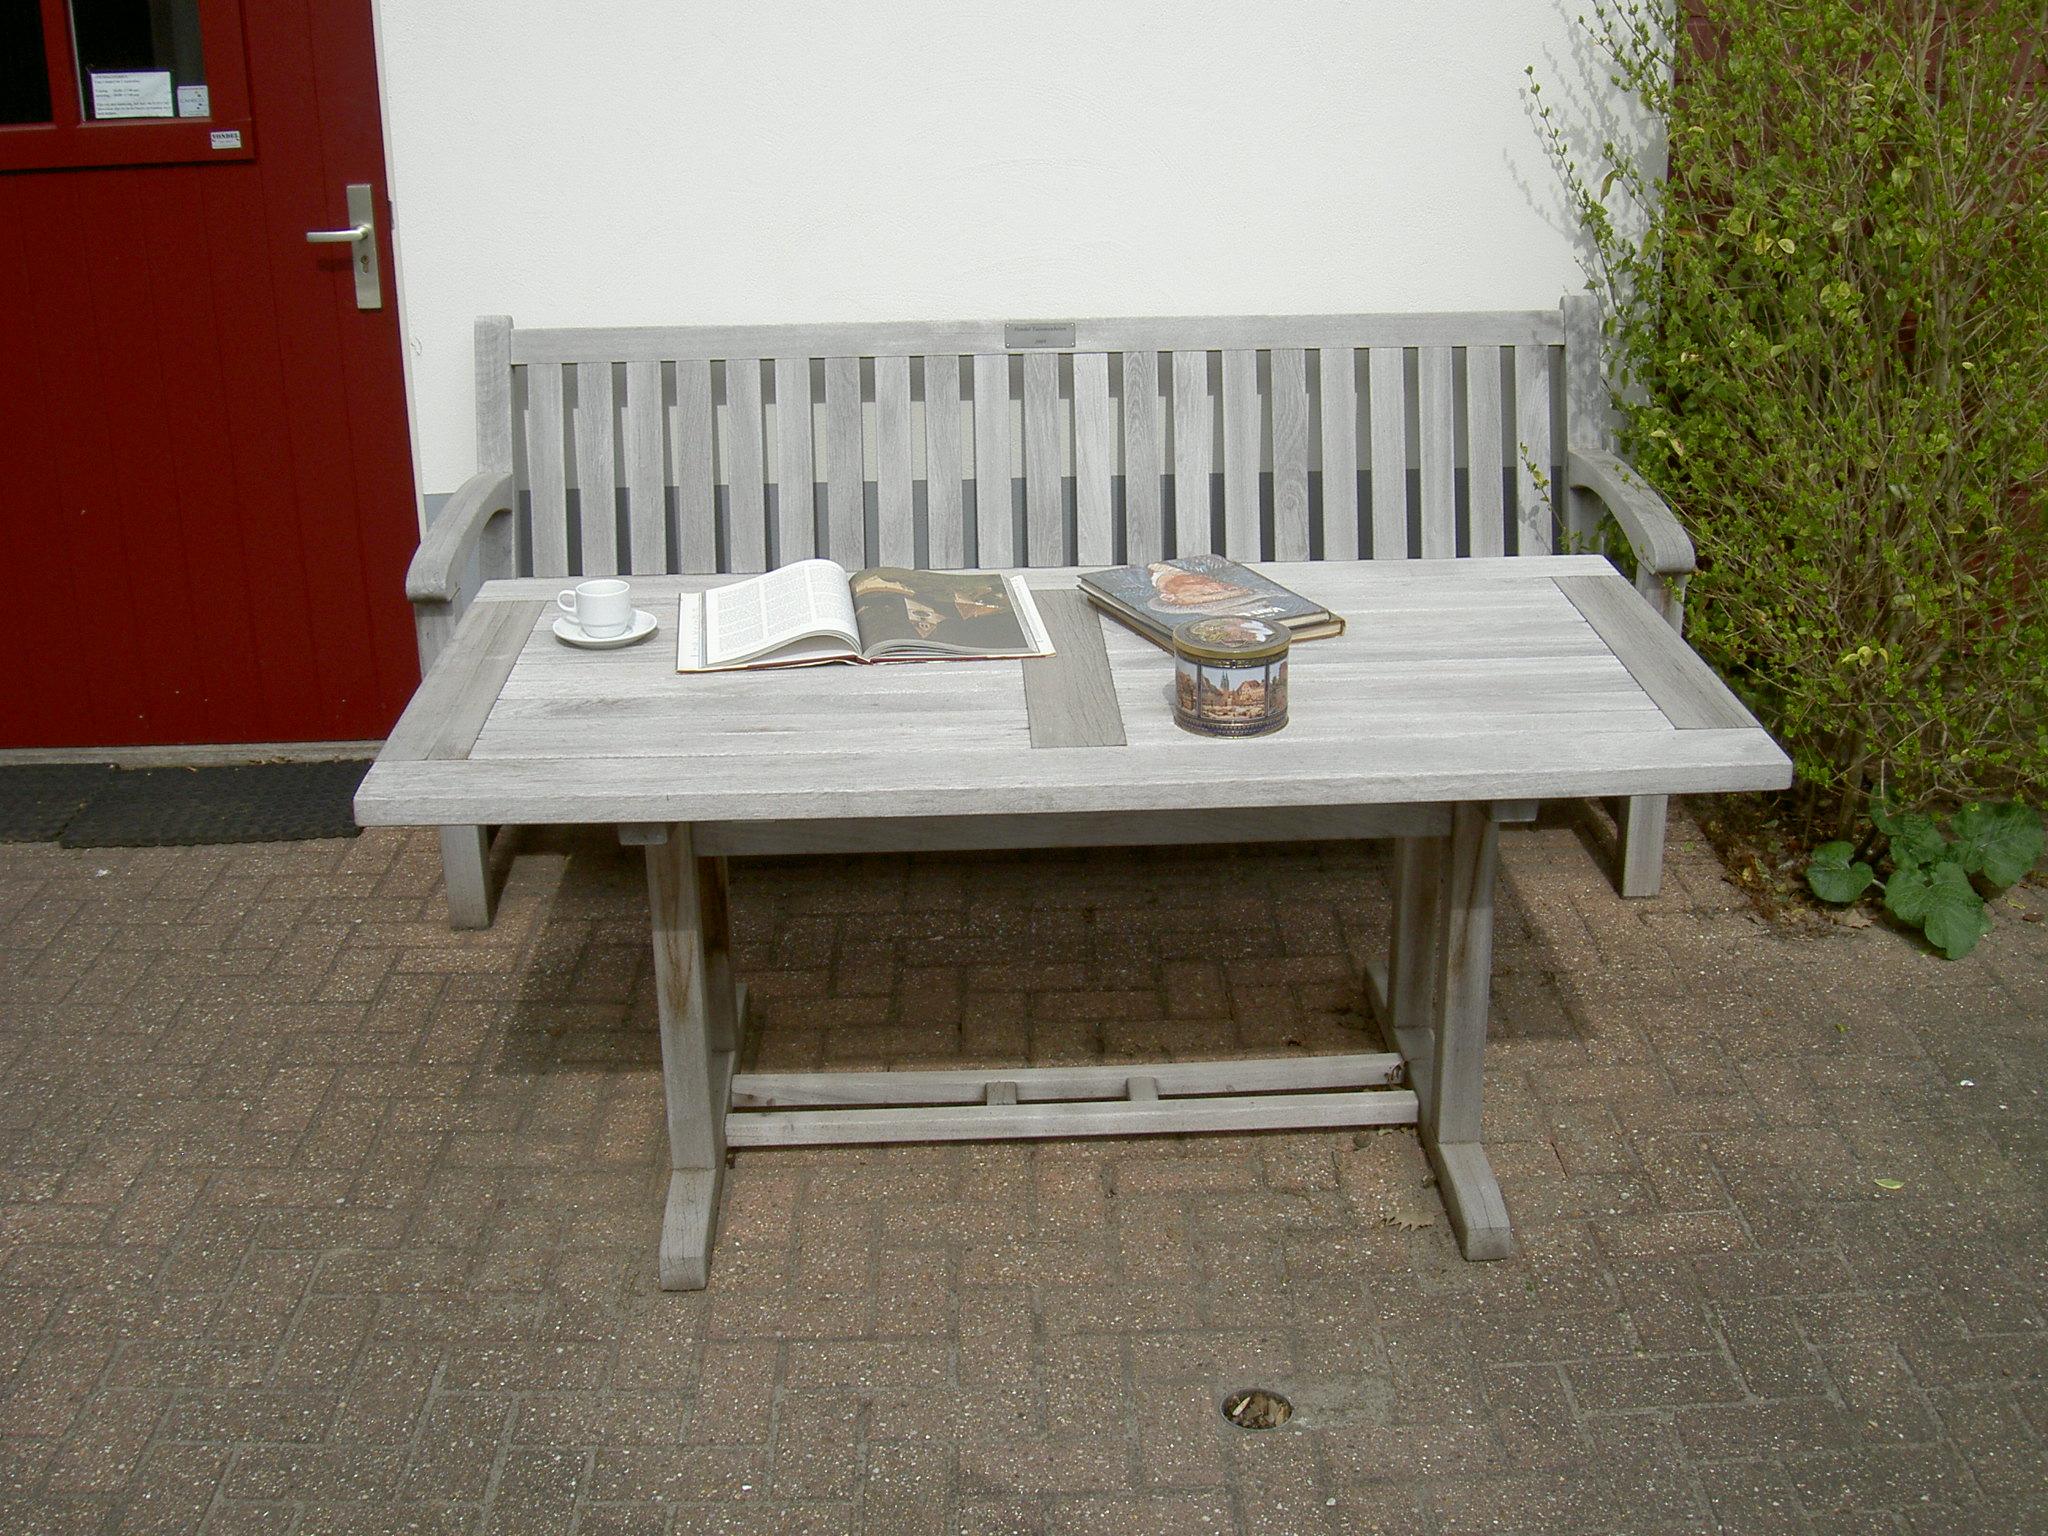 houten tuinmeubelen schoonmaken en grijs laten worden met Bio-Woodcleaner. makkelijk en milieuvriendelijk